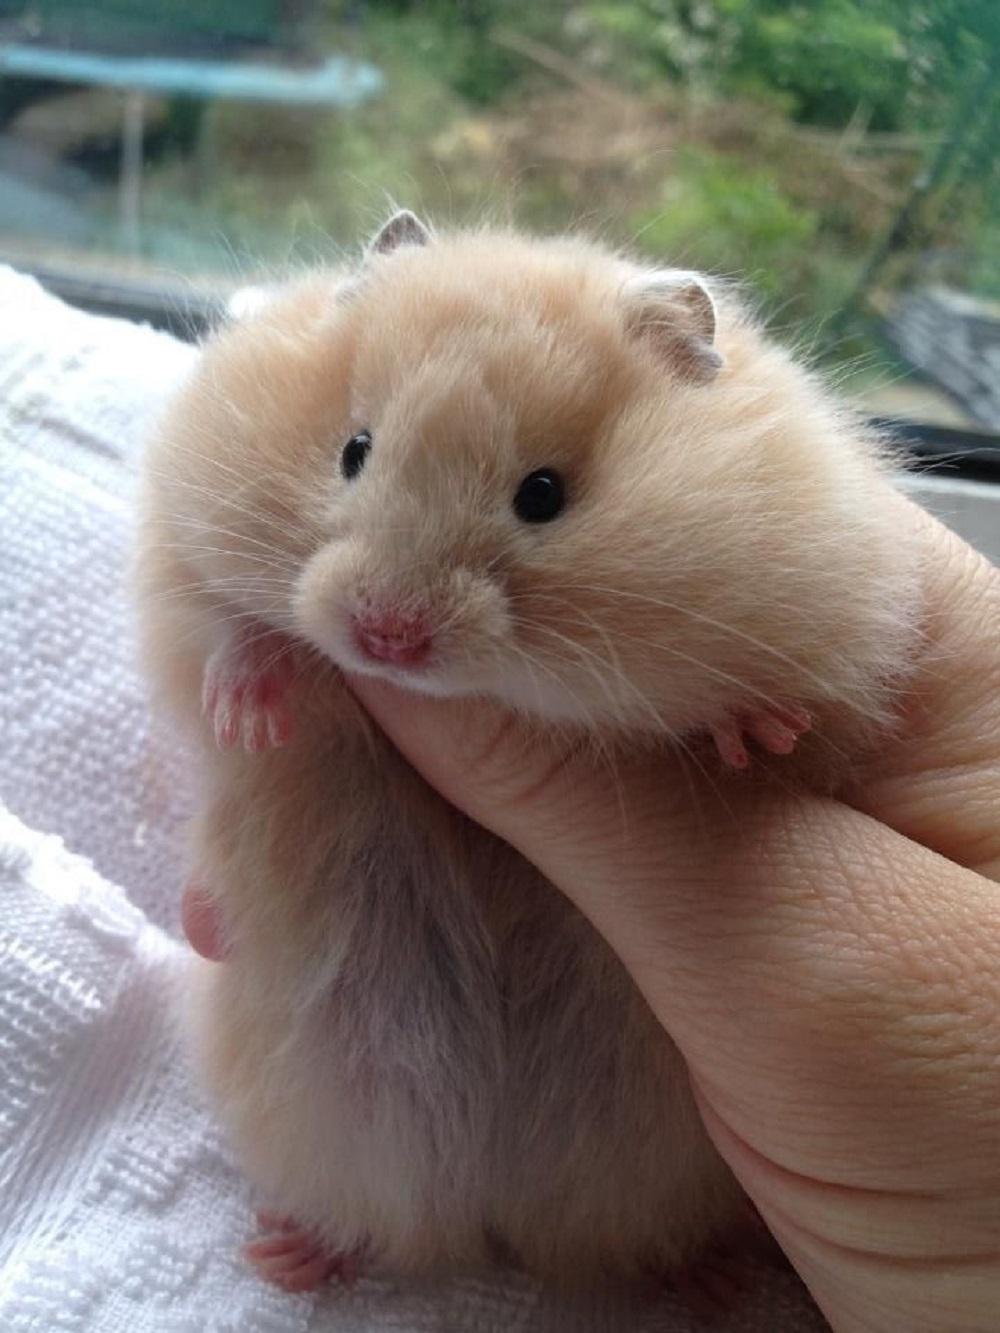 fotografia de hamsteres comun sirio o dorado